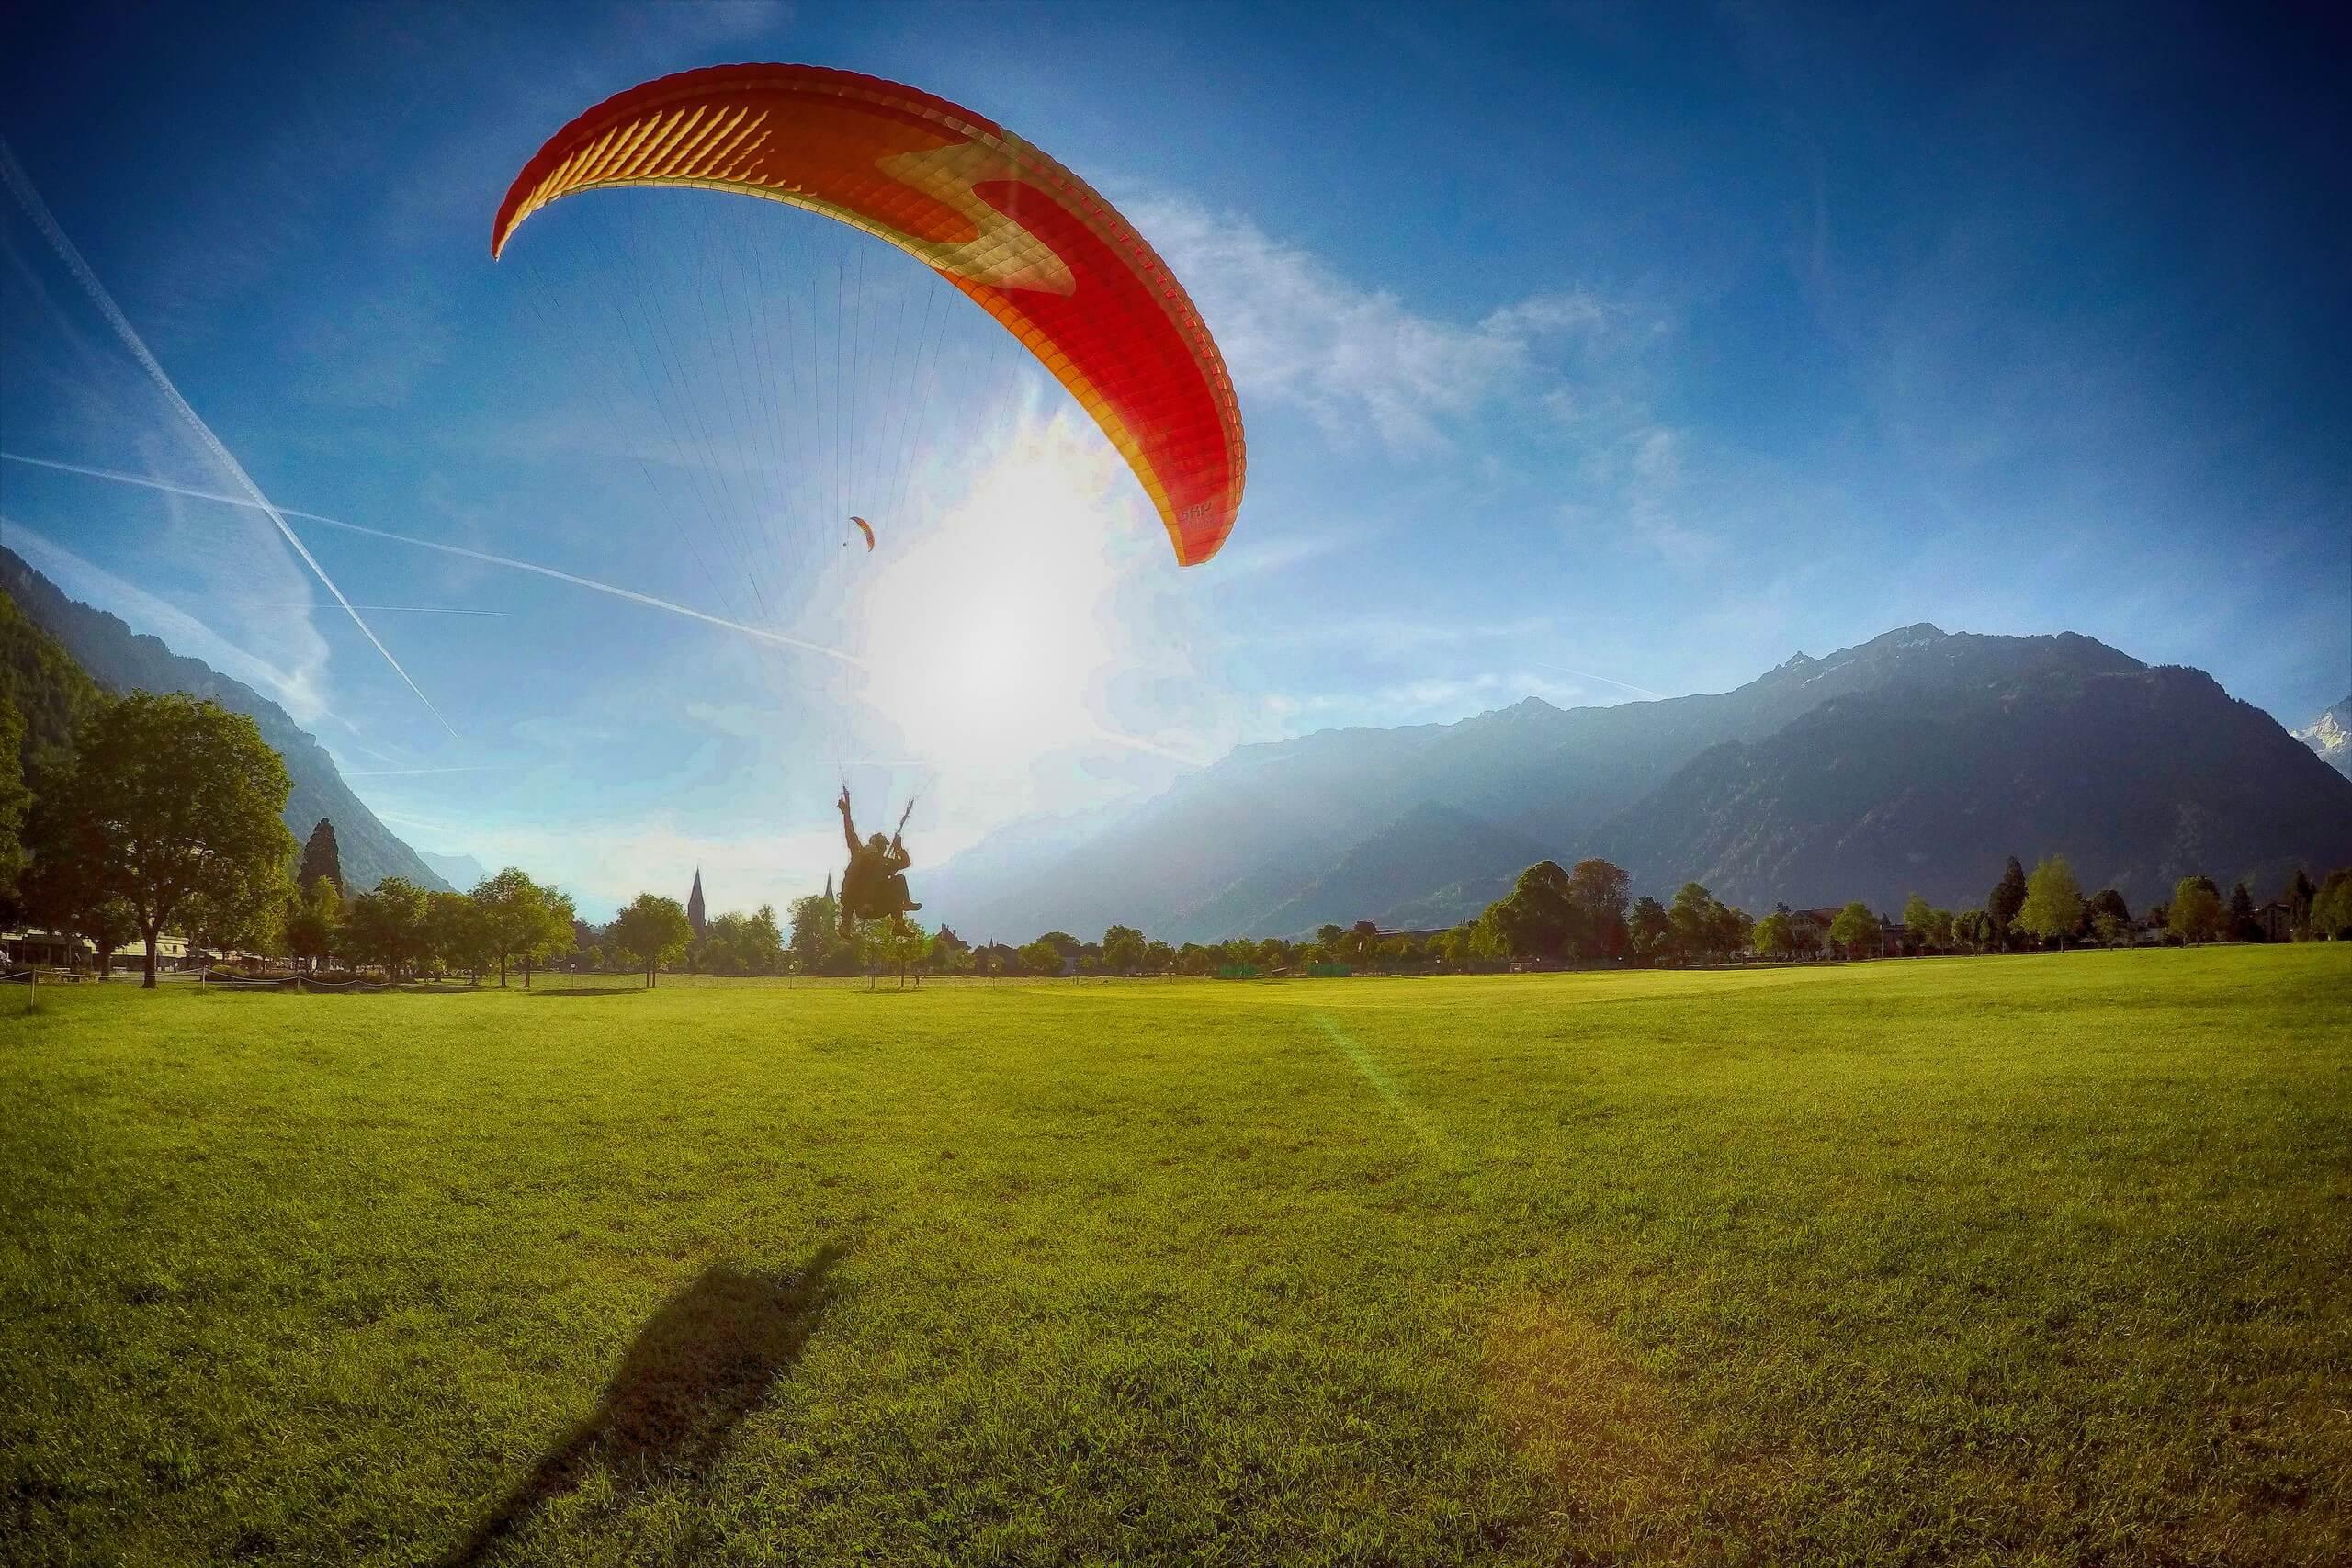 interlaken-paragliding-alpinair-interlaken-landung